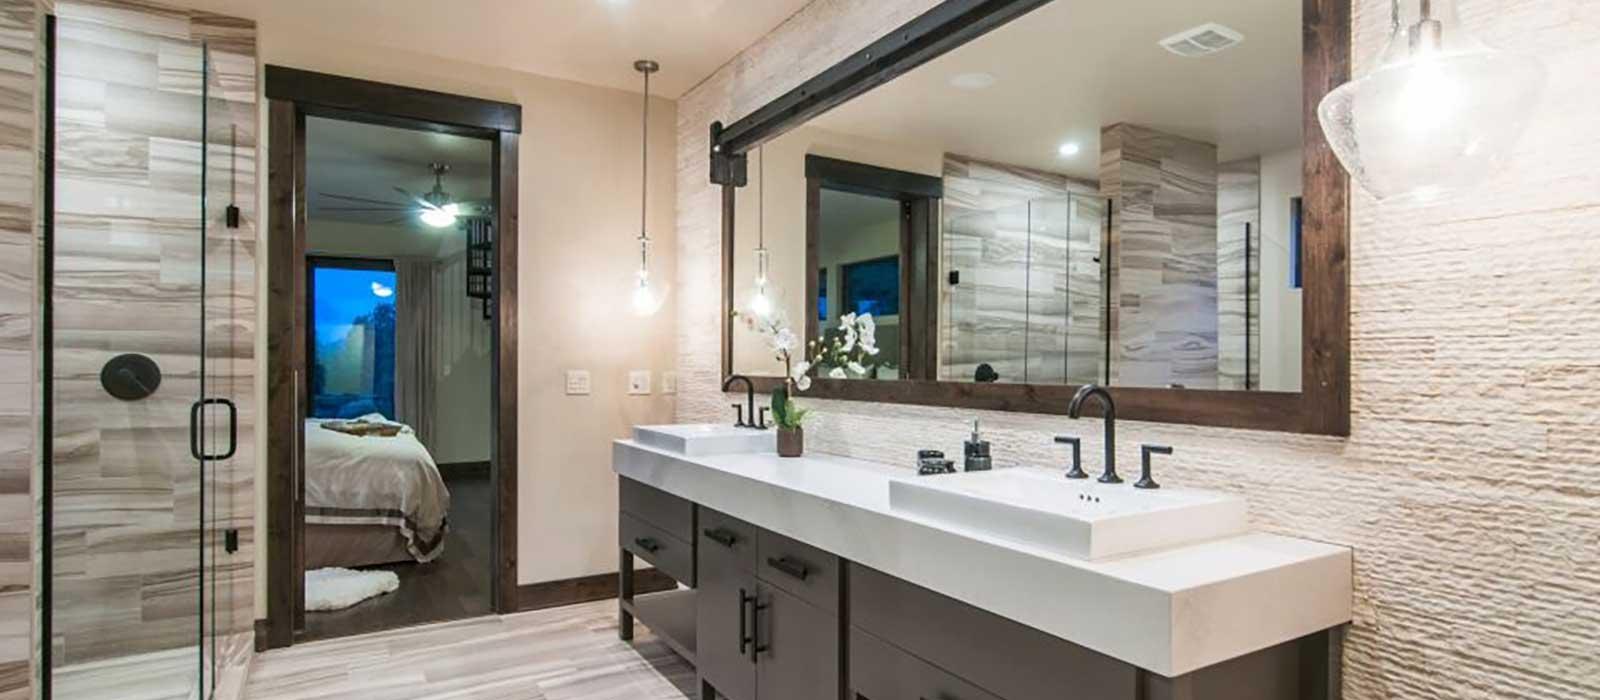 Kitchen Remodel & Bathroom Remodel Colorado Springs